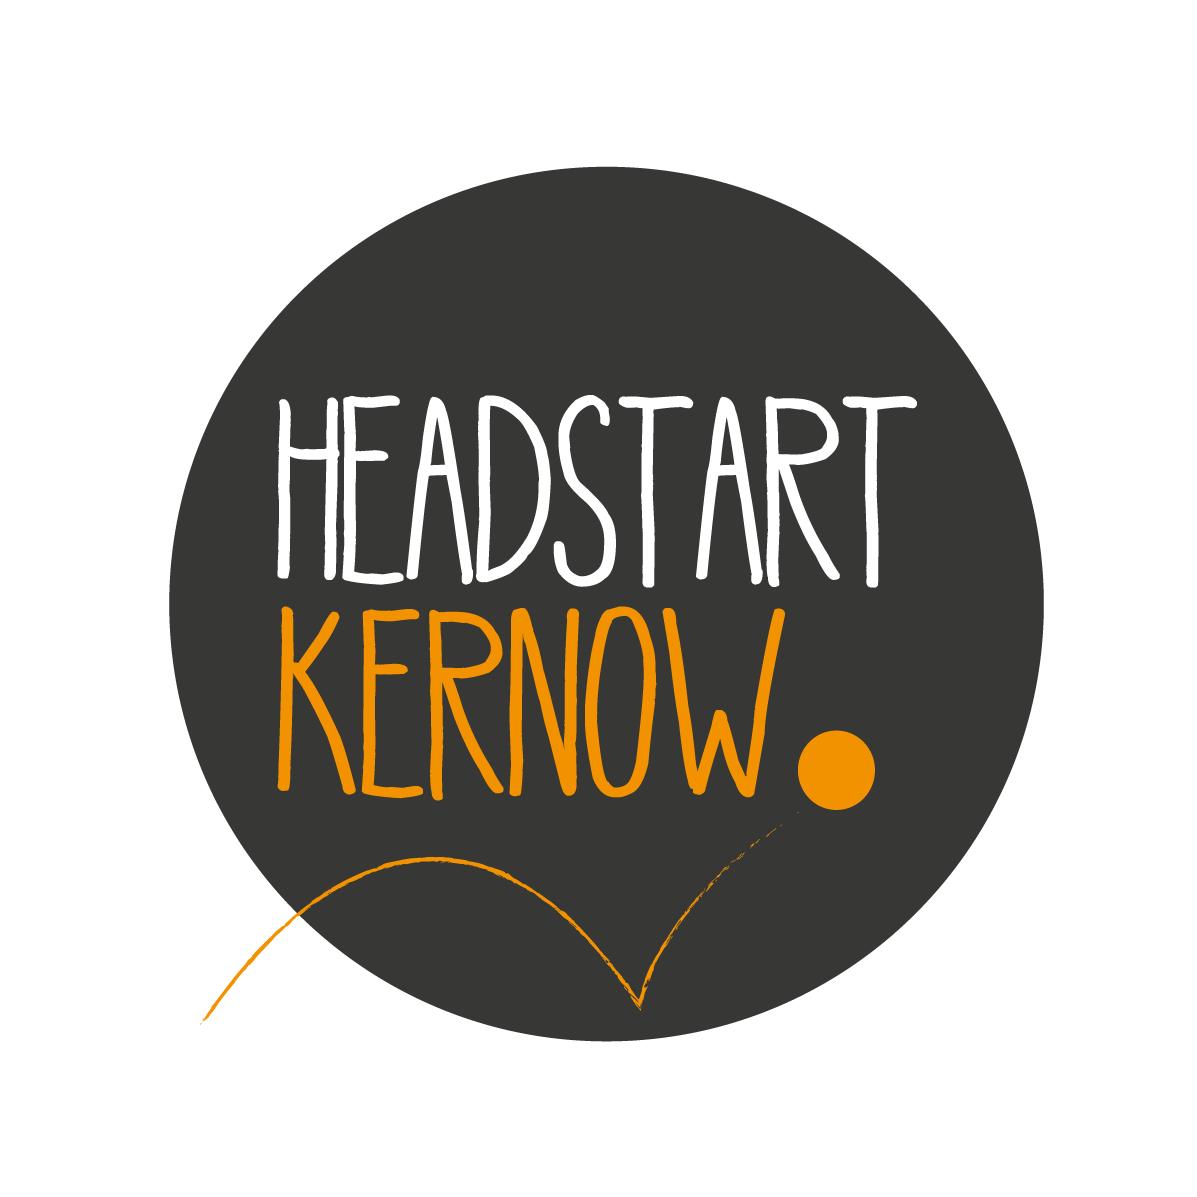 headstart-kernow